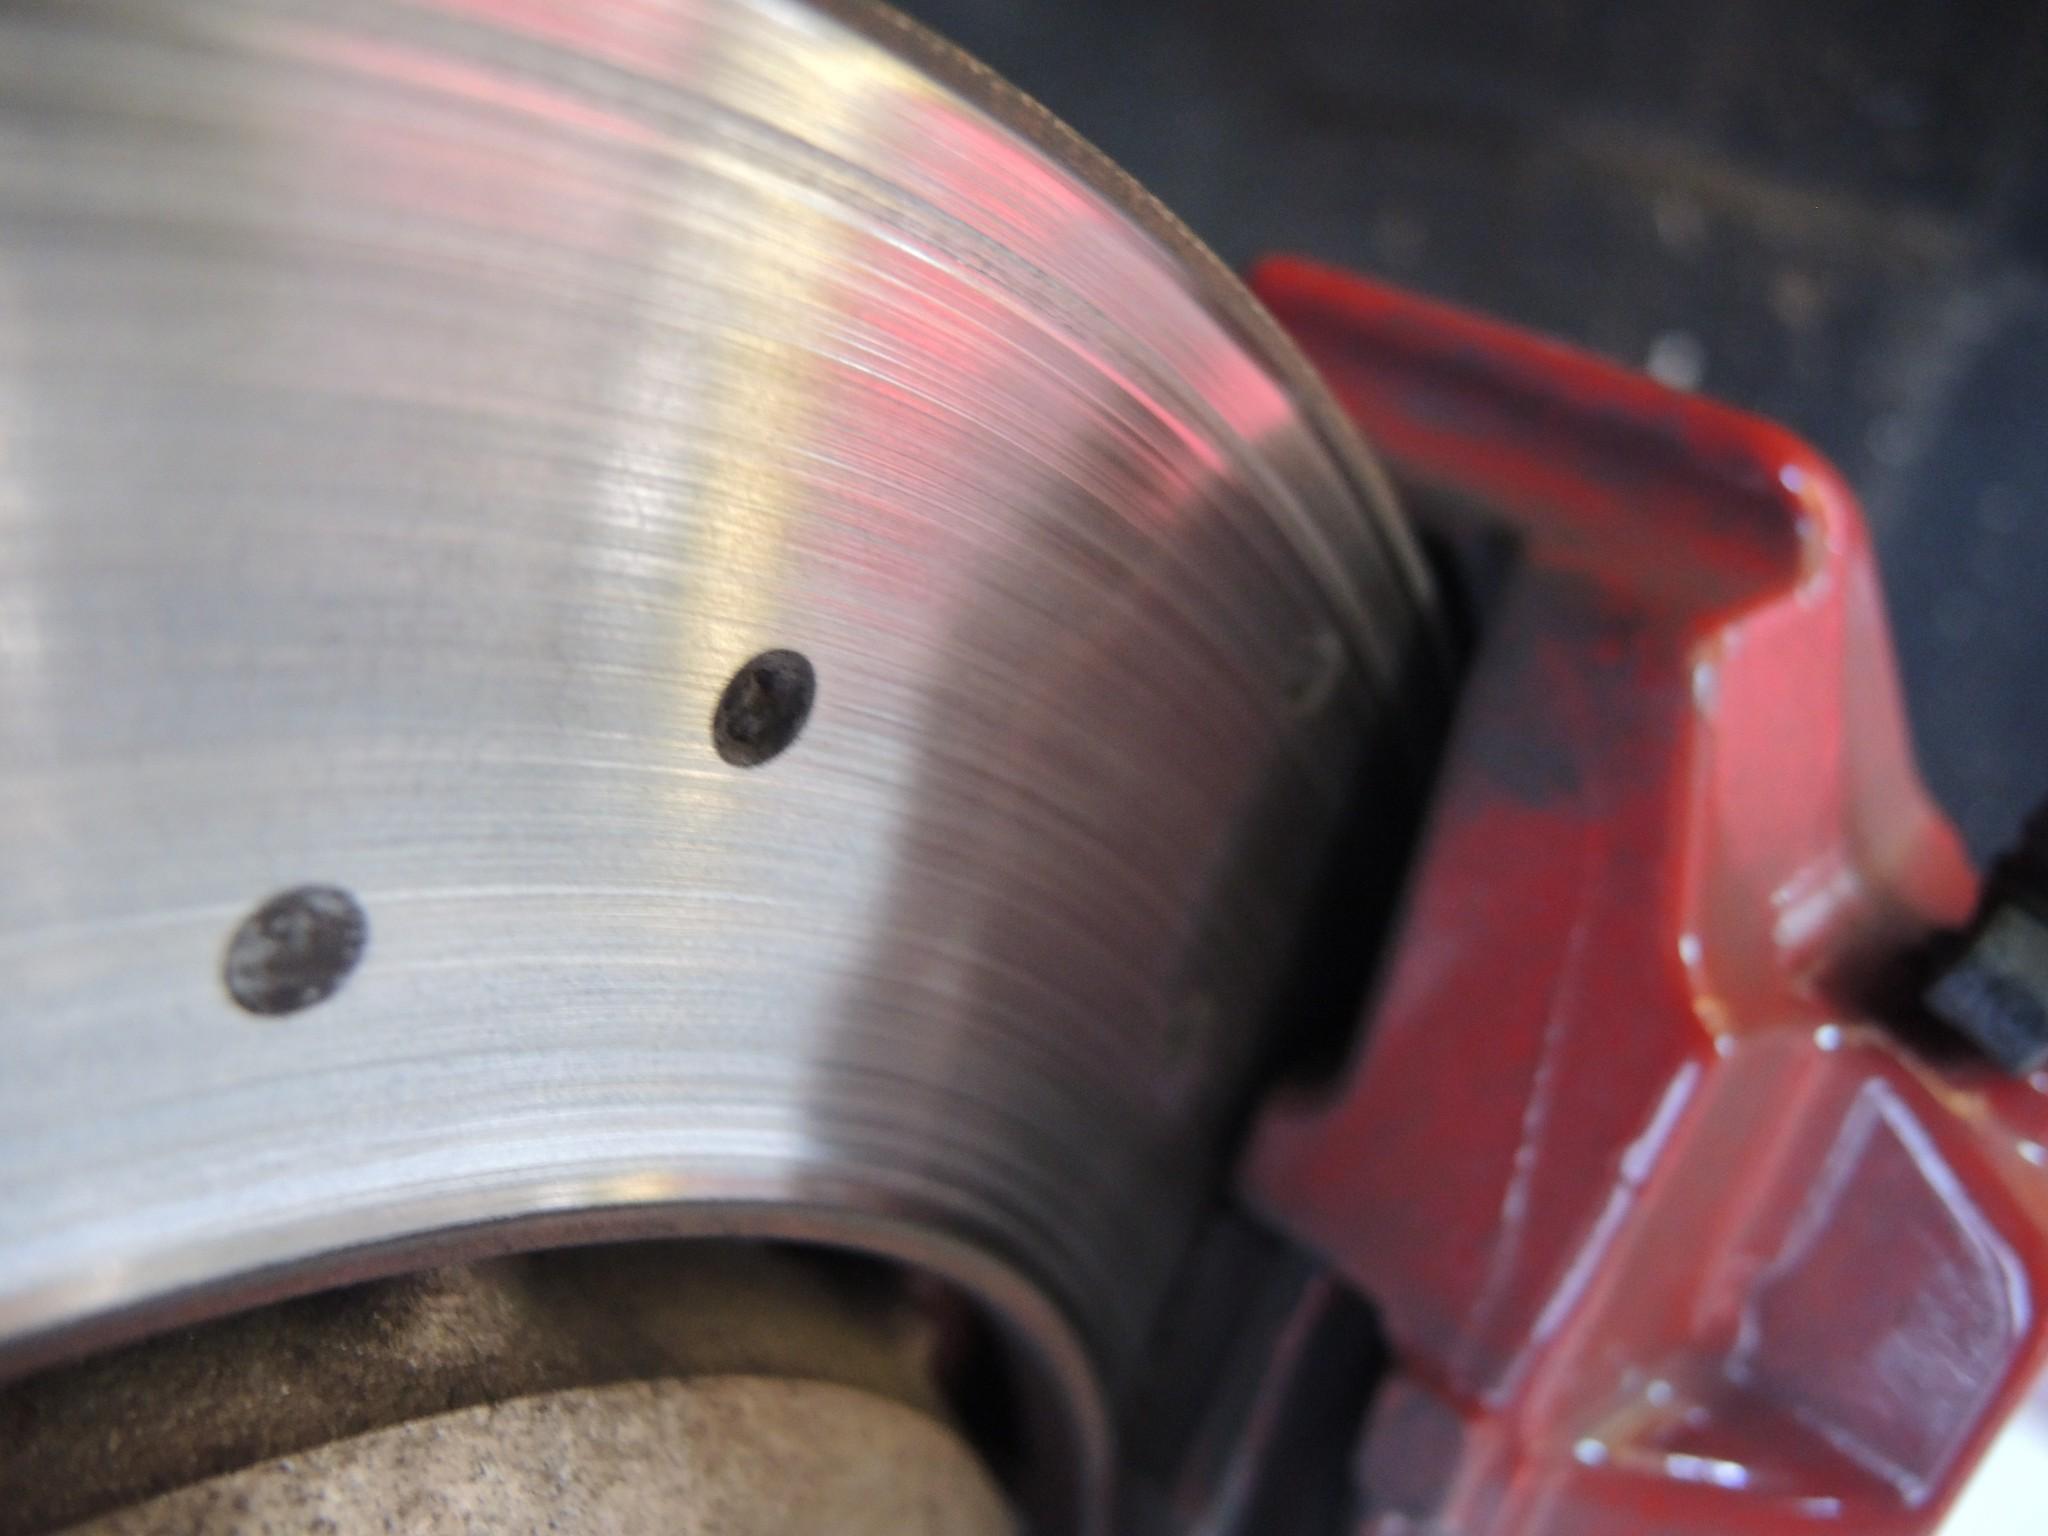 アルファロメオ4Cサーキット走行前メンテナンス ブレーキパッド交換ブレーキディスクローター研磨アライメント調整 (2)